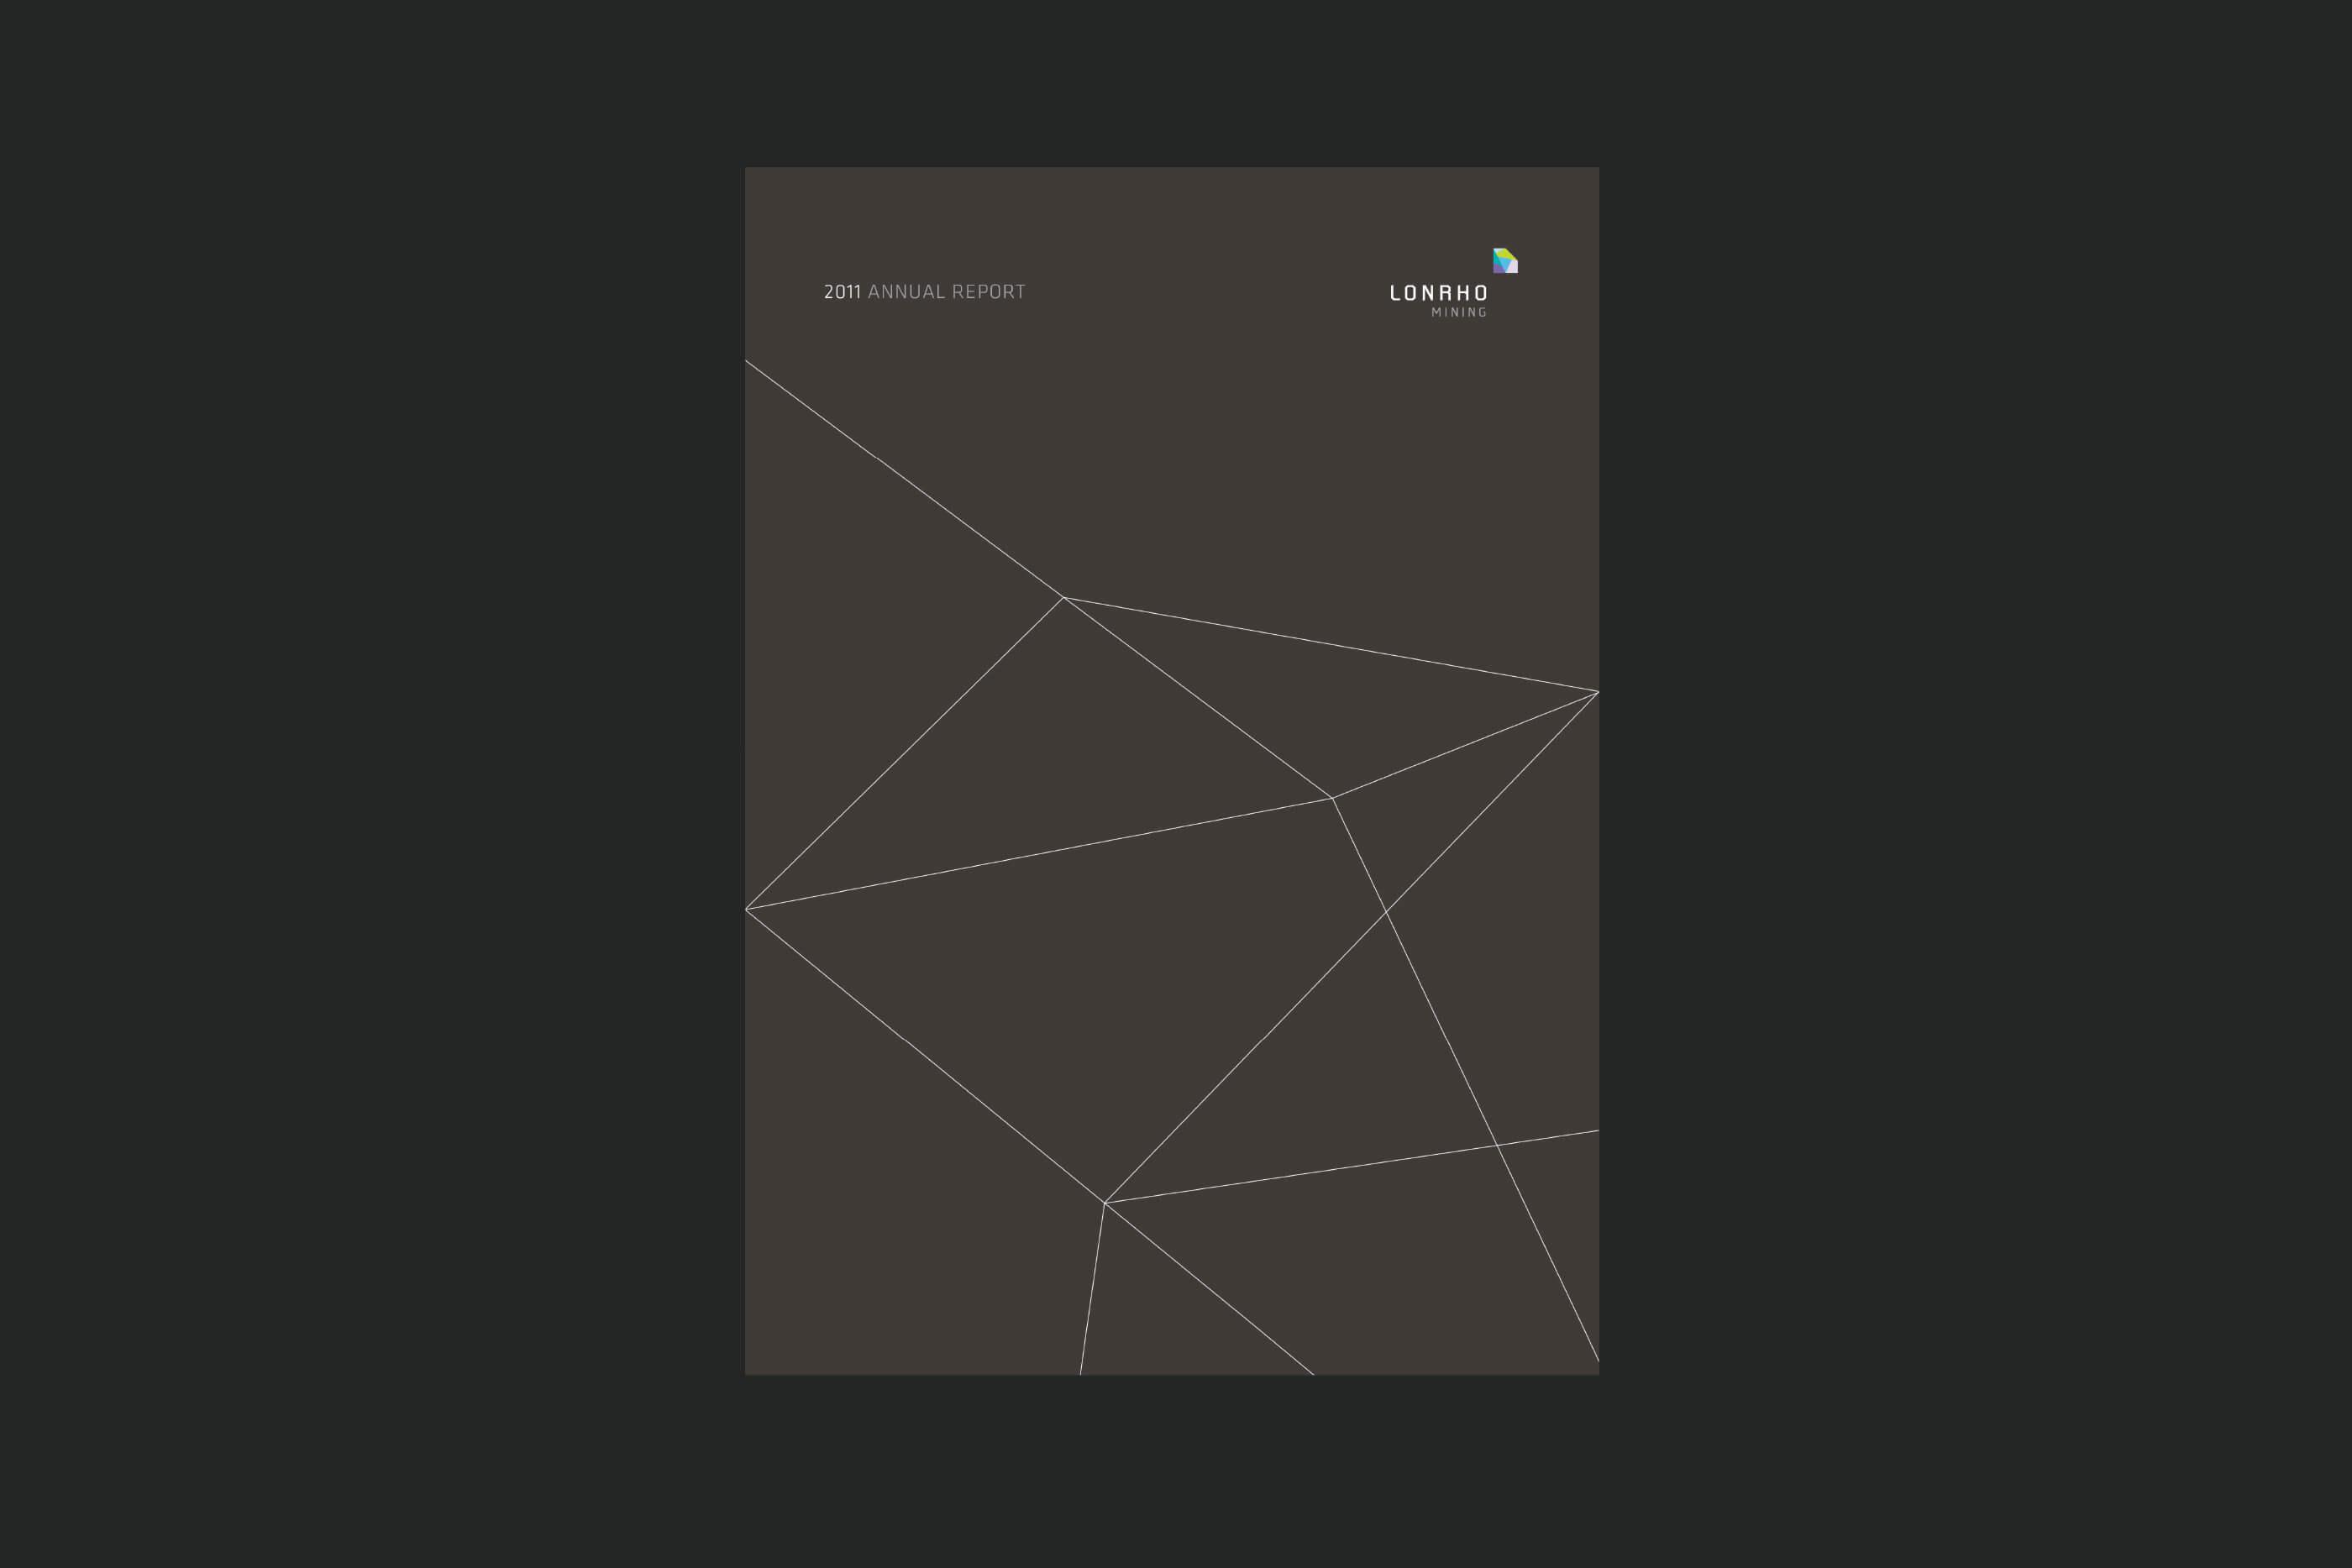 lonrho-ar_2011_cover